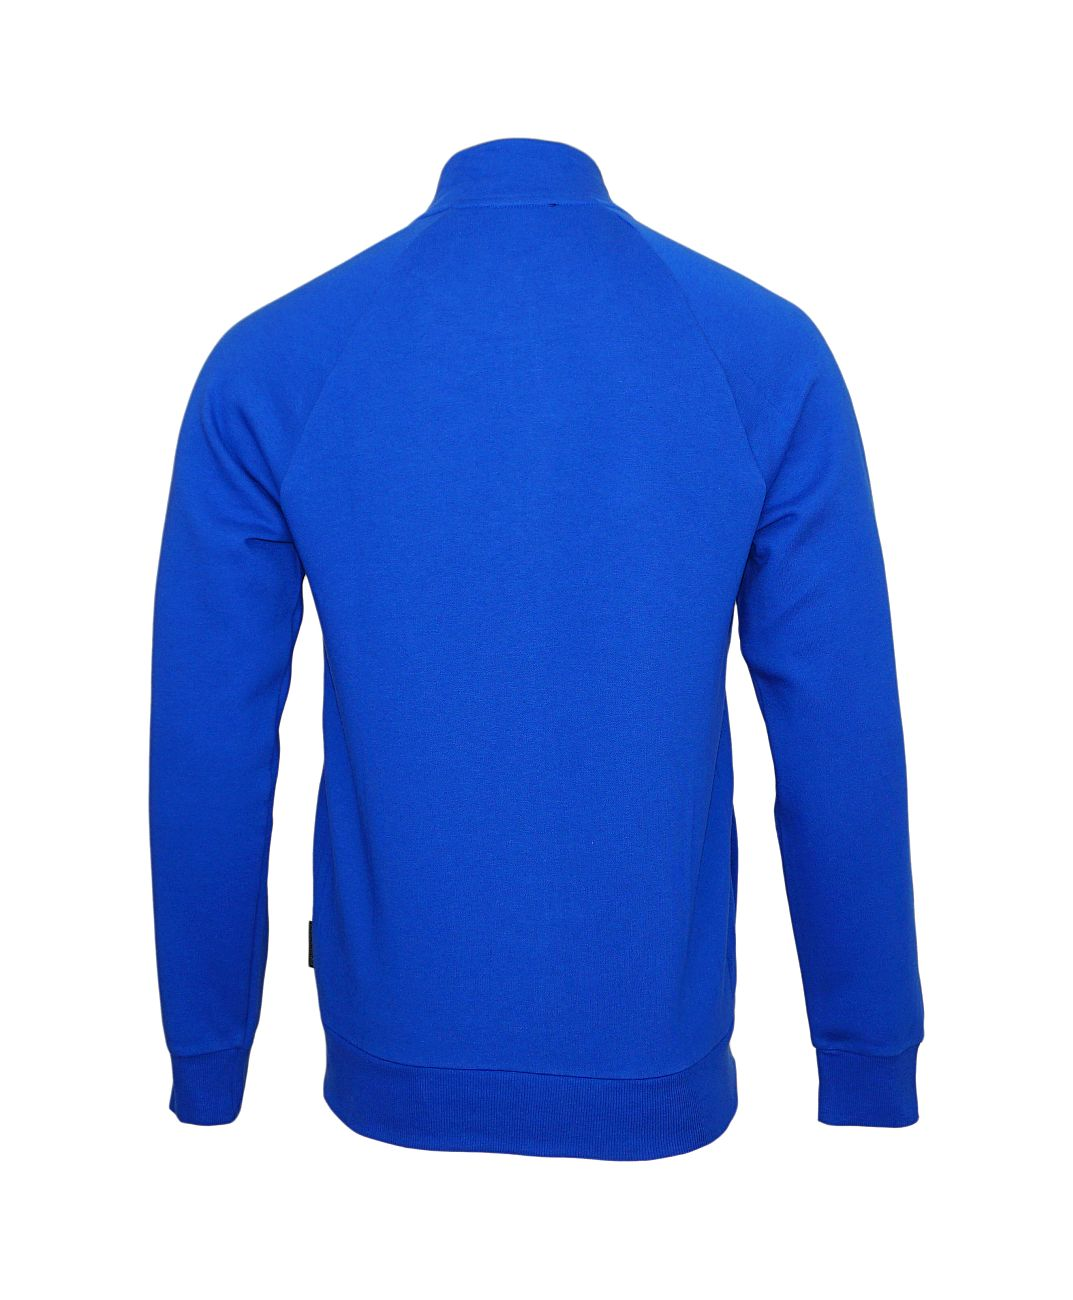 Emporio Armani Sweater Jacke mit Reißverschluss 111570 8A571 23233 MAZARINE SH18-EAS1